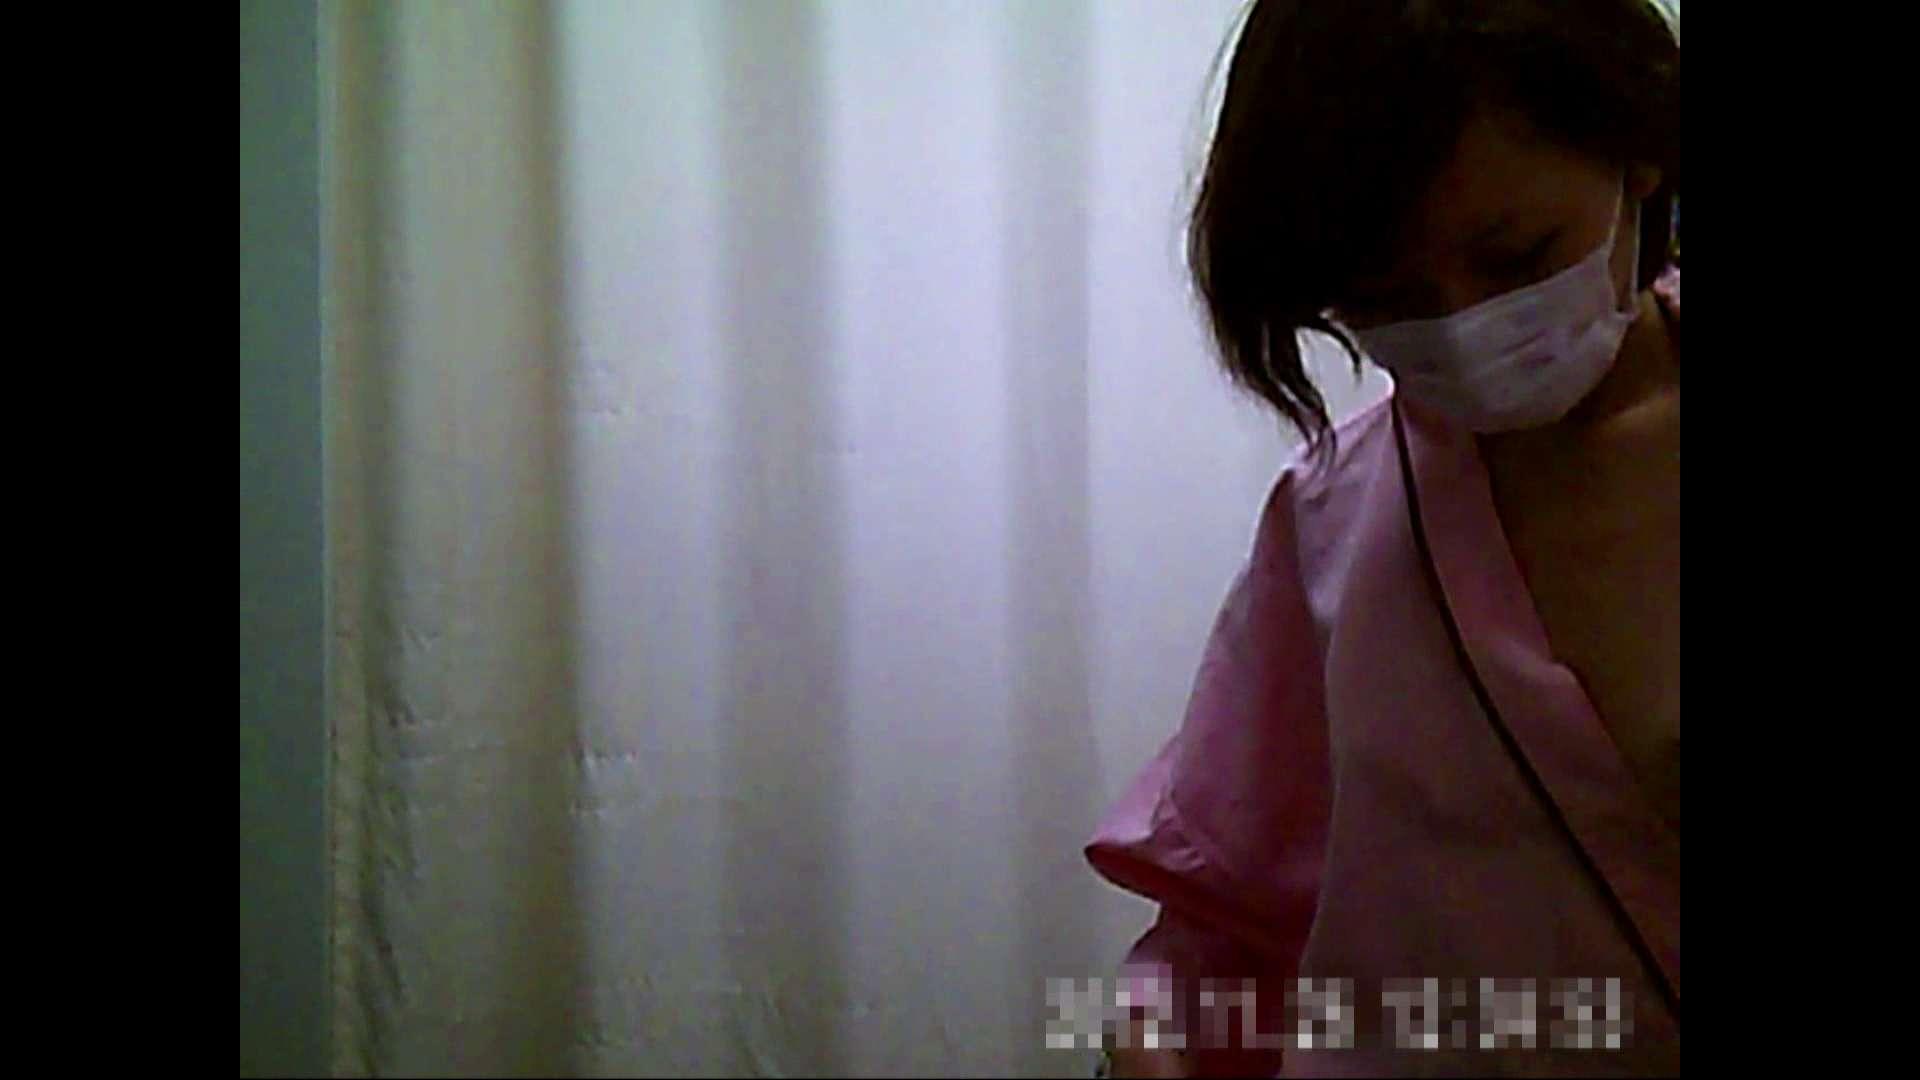 元医者による反抗 更衣室地獄絵巻 vol.137 OL女体  66連発 38